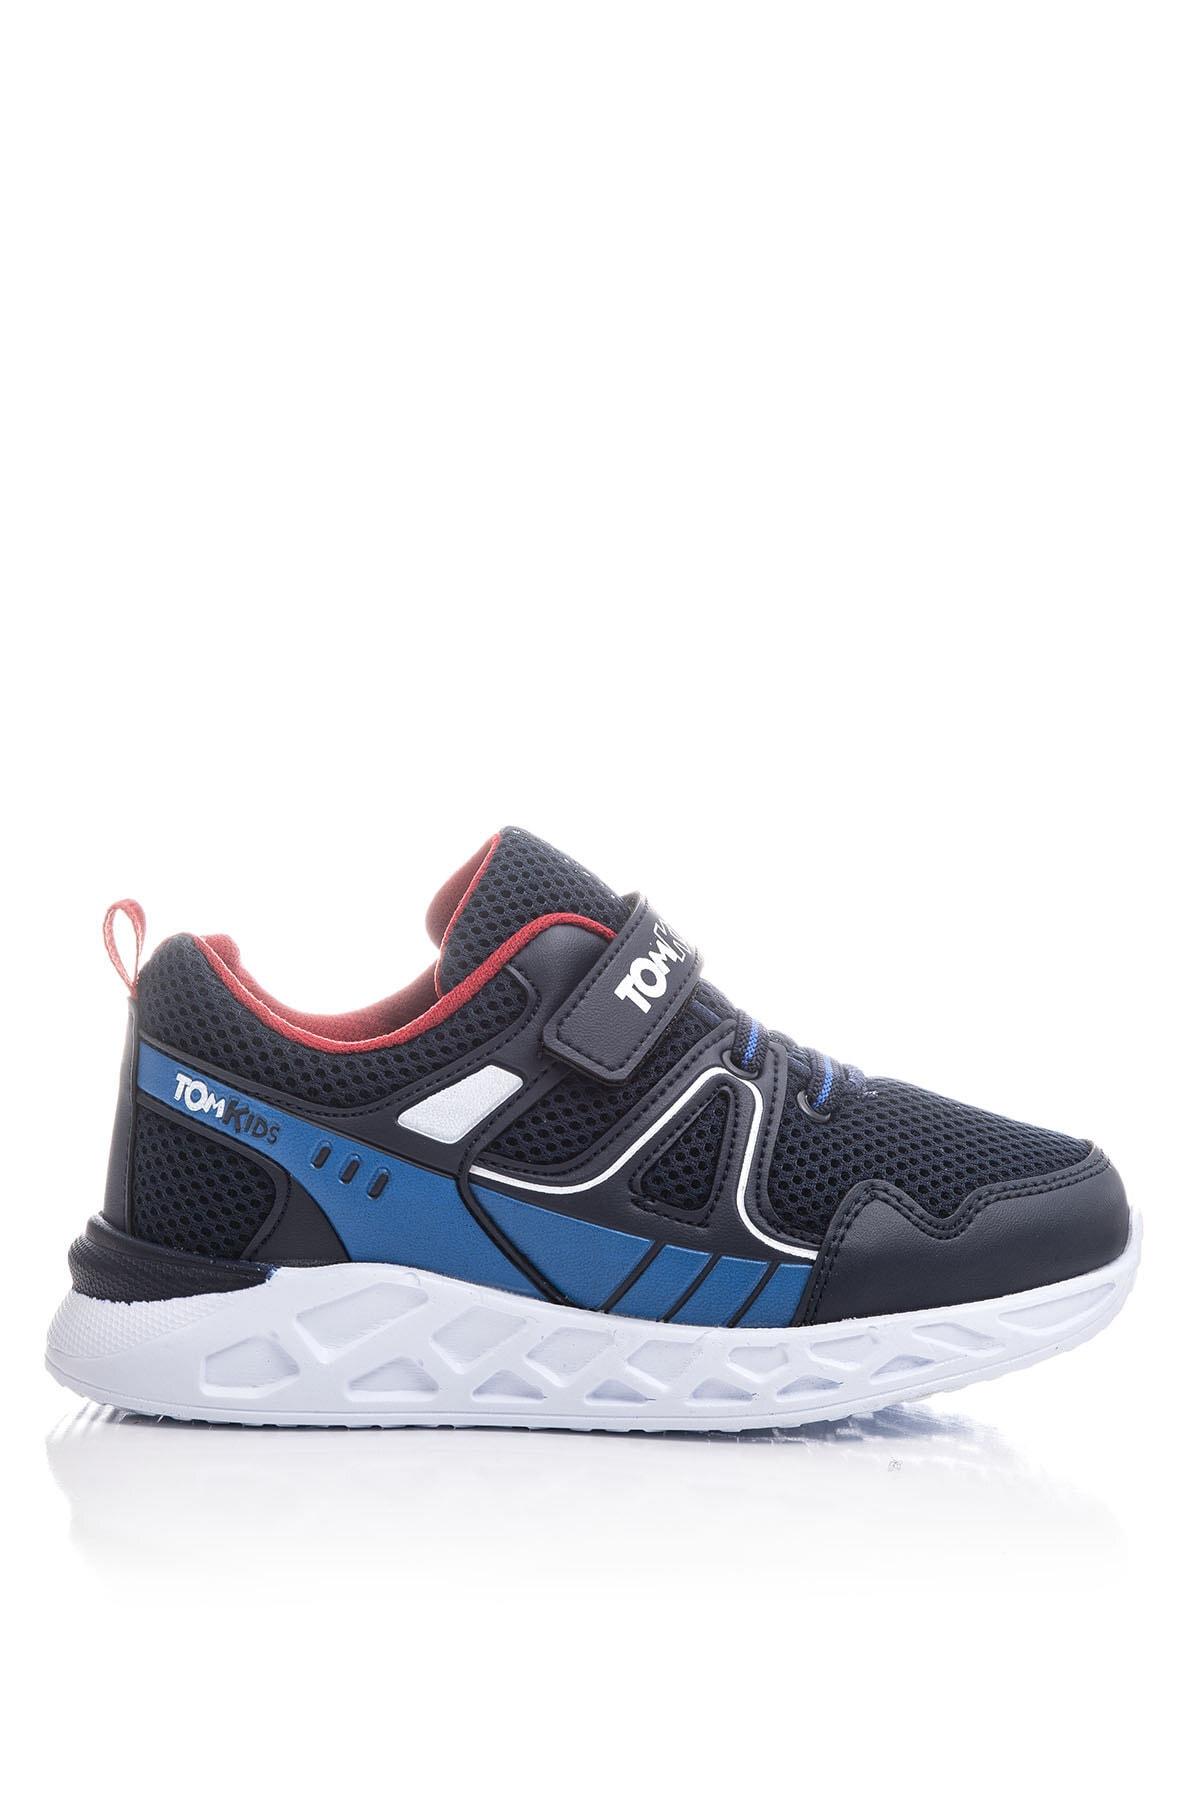 Tonny Black Erkek Çocuk Lacivert Spor Ayakkabı TB3401-3 1